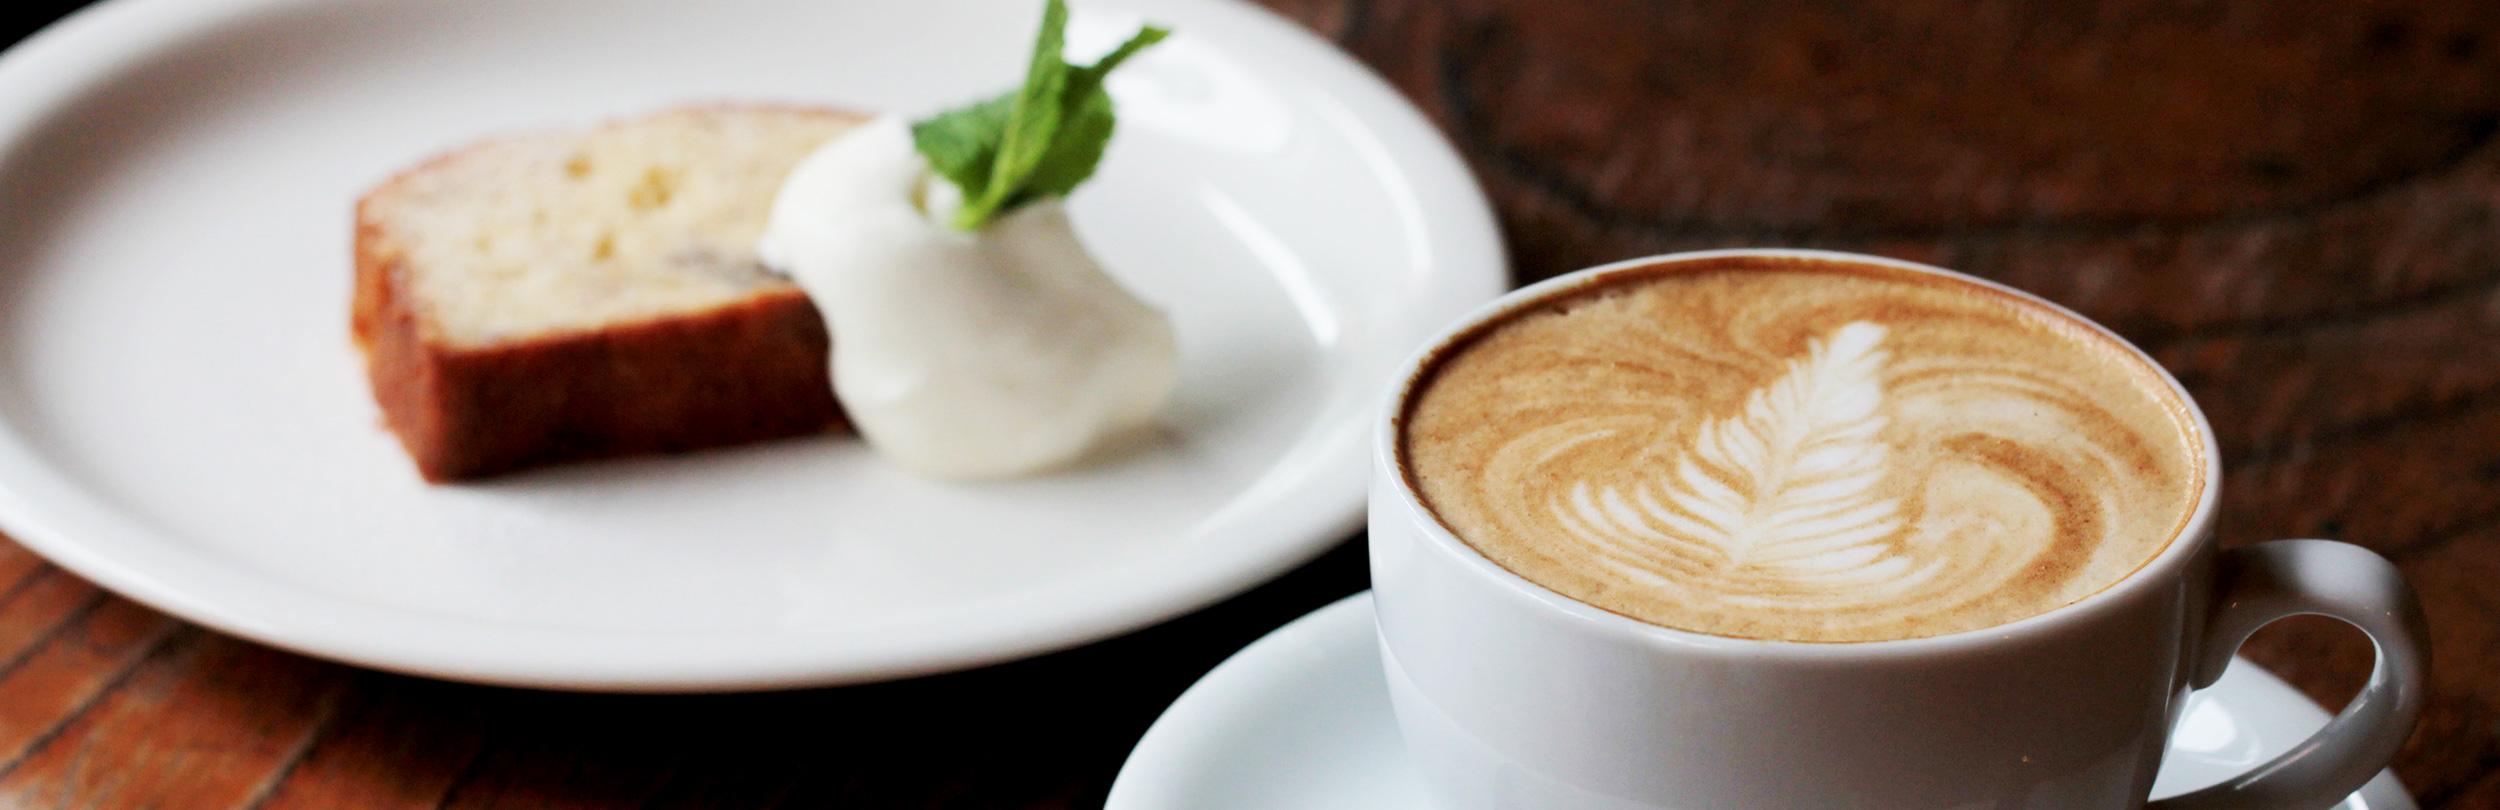 地域に根付くカフェ オープンテラスでもコーヒーが楽しめます cafe ruuDho